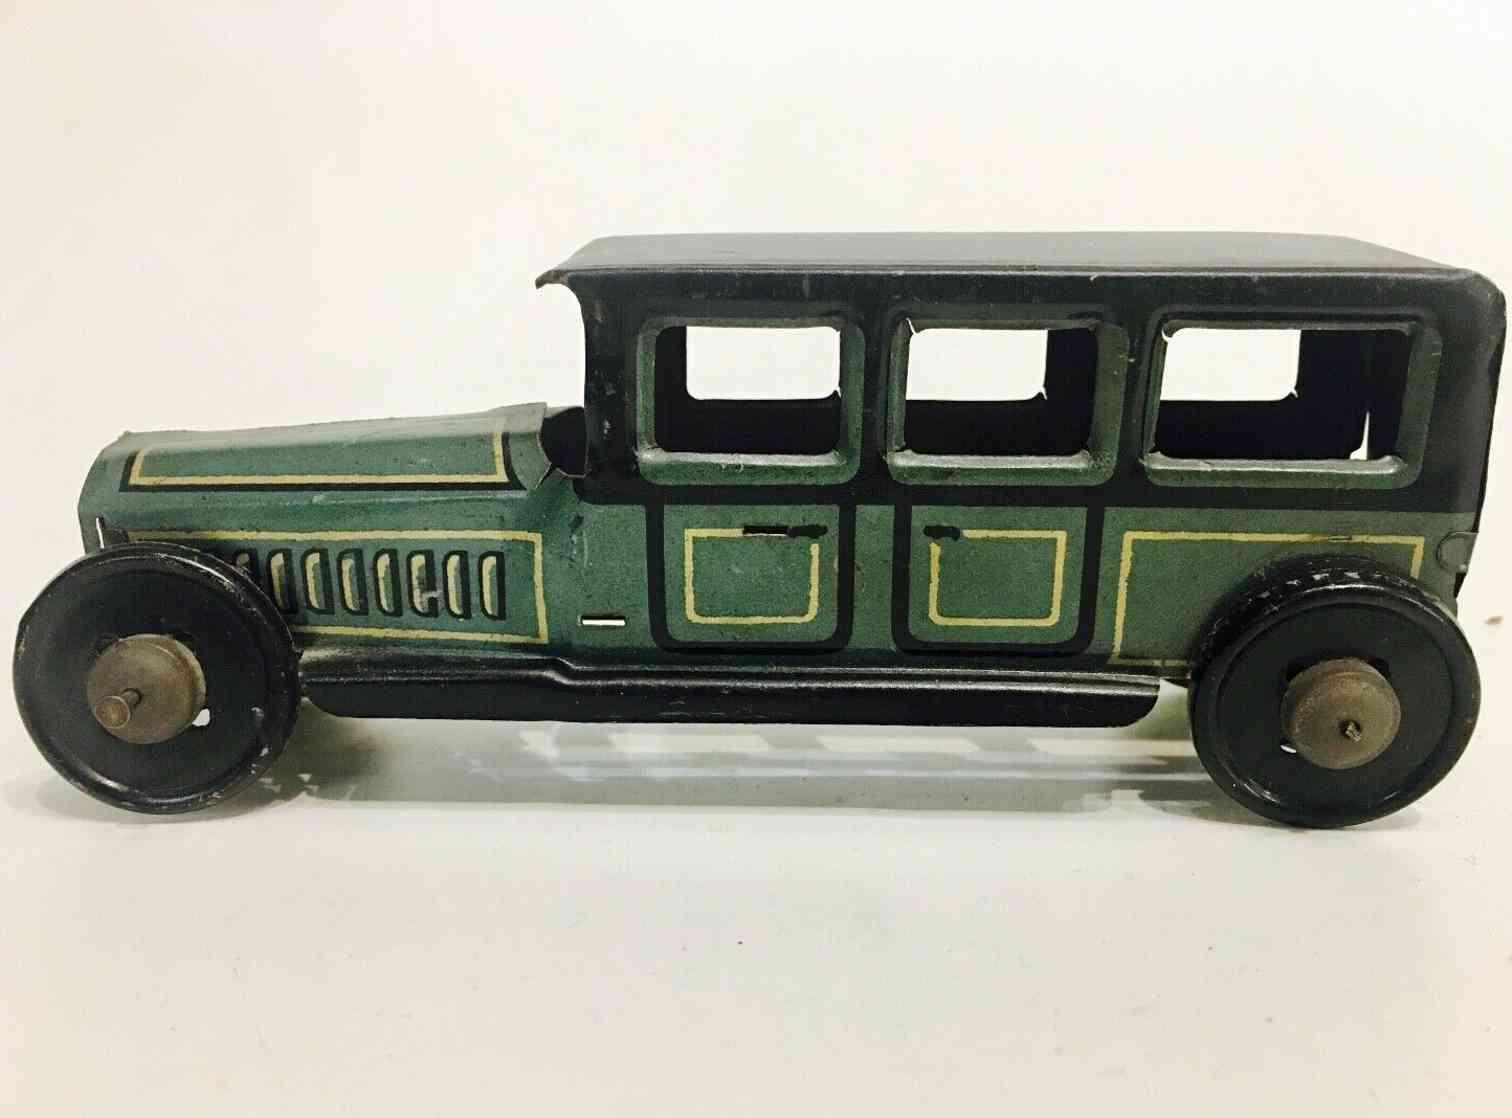 hammerer & kuehlwein 301 penny toy limousine gruen schwarz